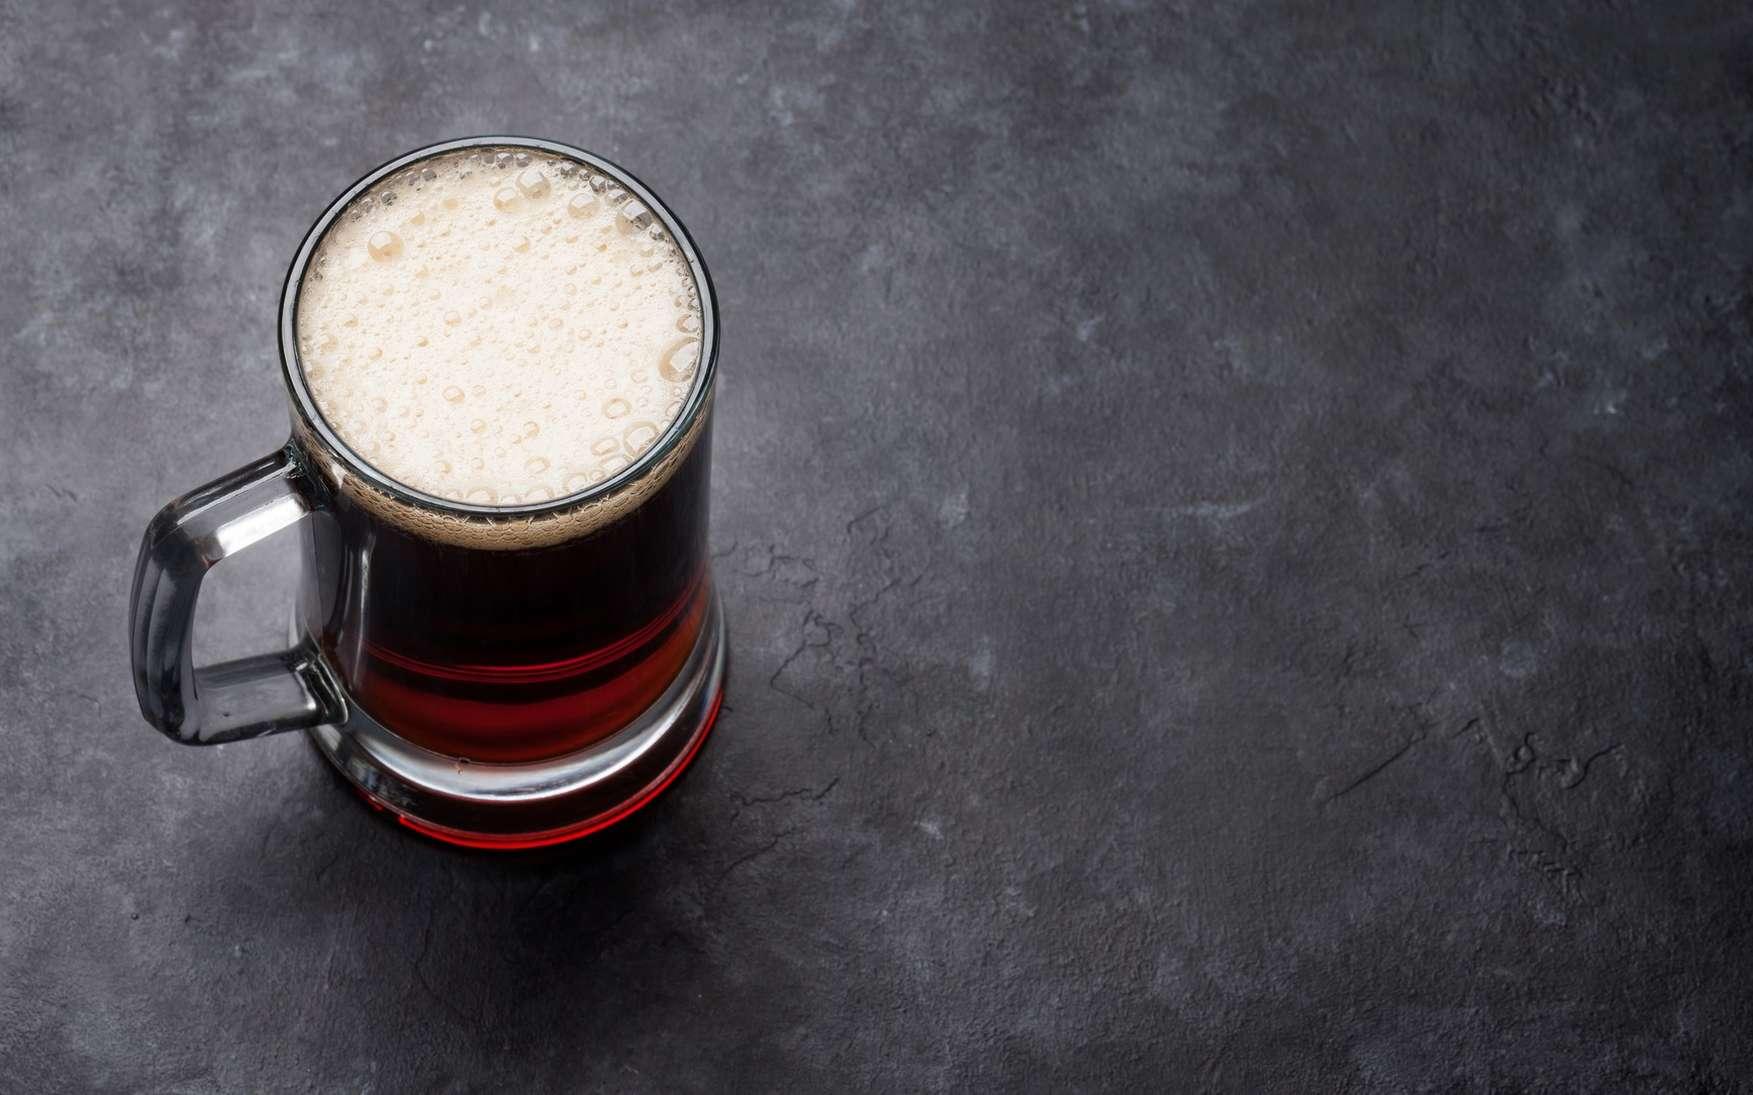 Si vous aimez la bière, c'est peut-être plus à cause de ses effets sur le cerveau que pour son goût. © karandaev, Fotolia